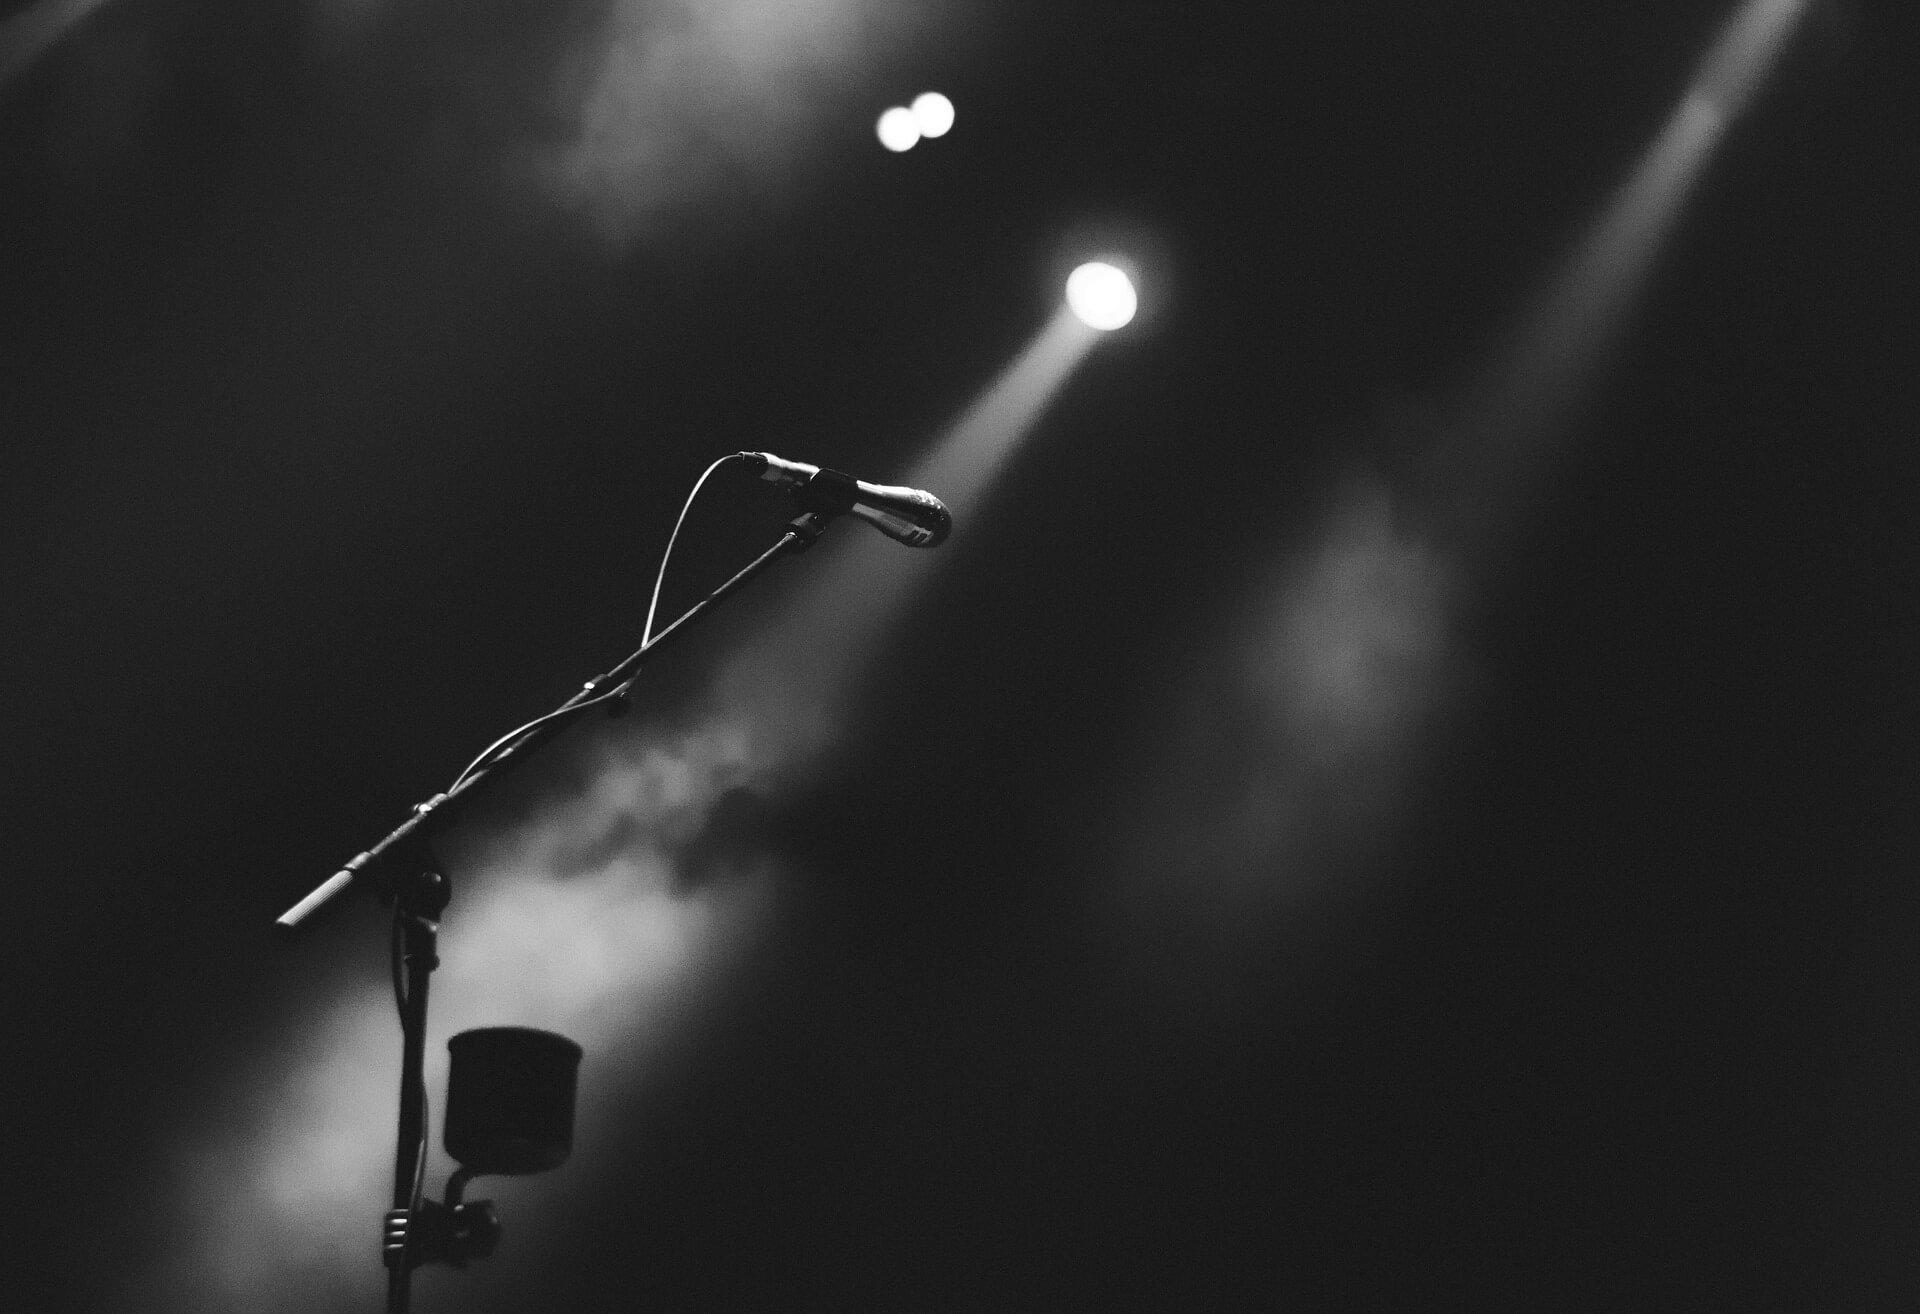 Ewa Demarczyk, demarczyk, piosenkarka, muzyka, poezja śpiewana, julian tuwim, miron białoszewski, maria pawlikowska jasnorzewska, wiersze, piwnica pod baranami, zygmunt konieczny, muzyka polska, polscy artyści, polska piosenka, festiwal, śmierć ewy demarczyk, kultura